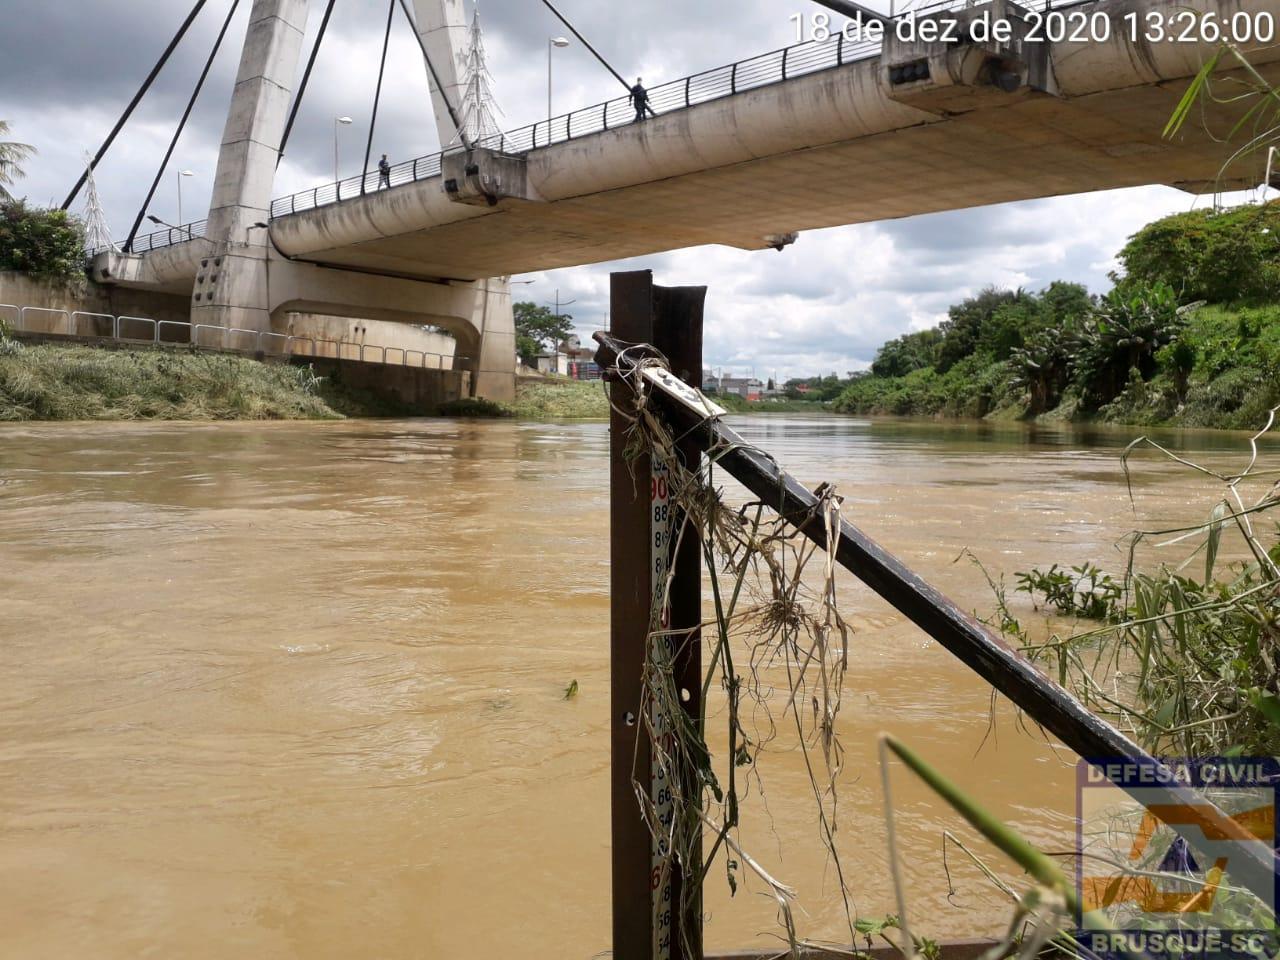 Trânsito já está normalizado em Brusque e região após as chuvas